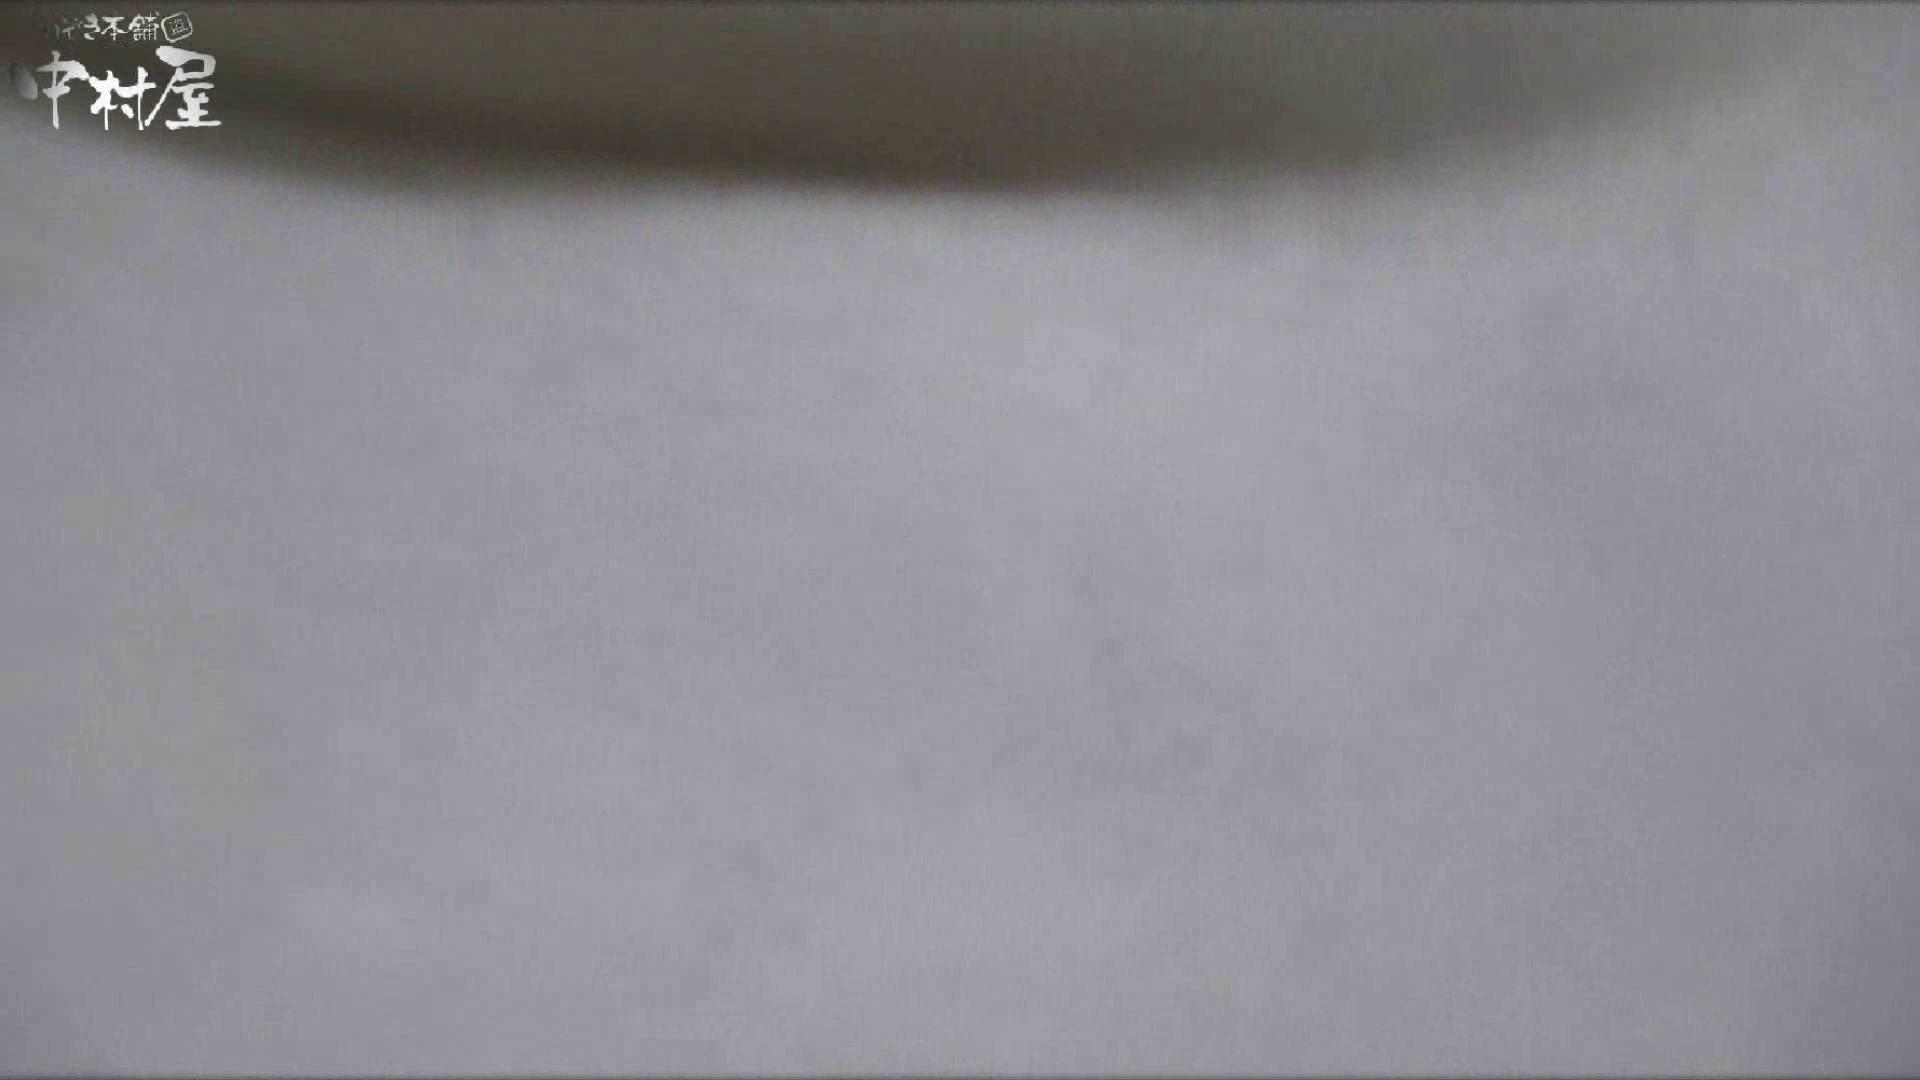 ネムリ姫 vol.09 お姉さんの下半身 おまんこ無修正動画無料 87PIX 75